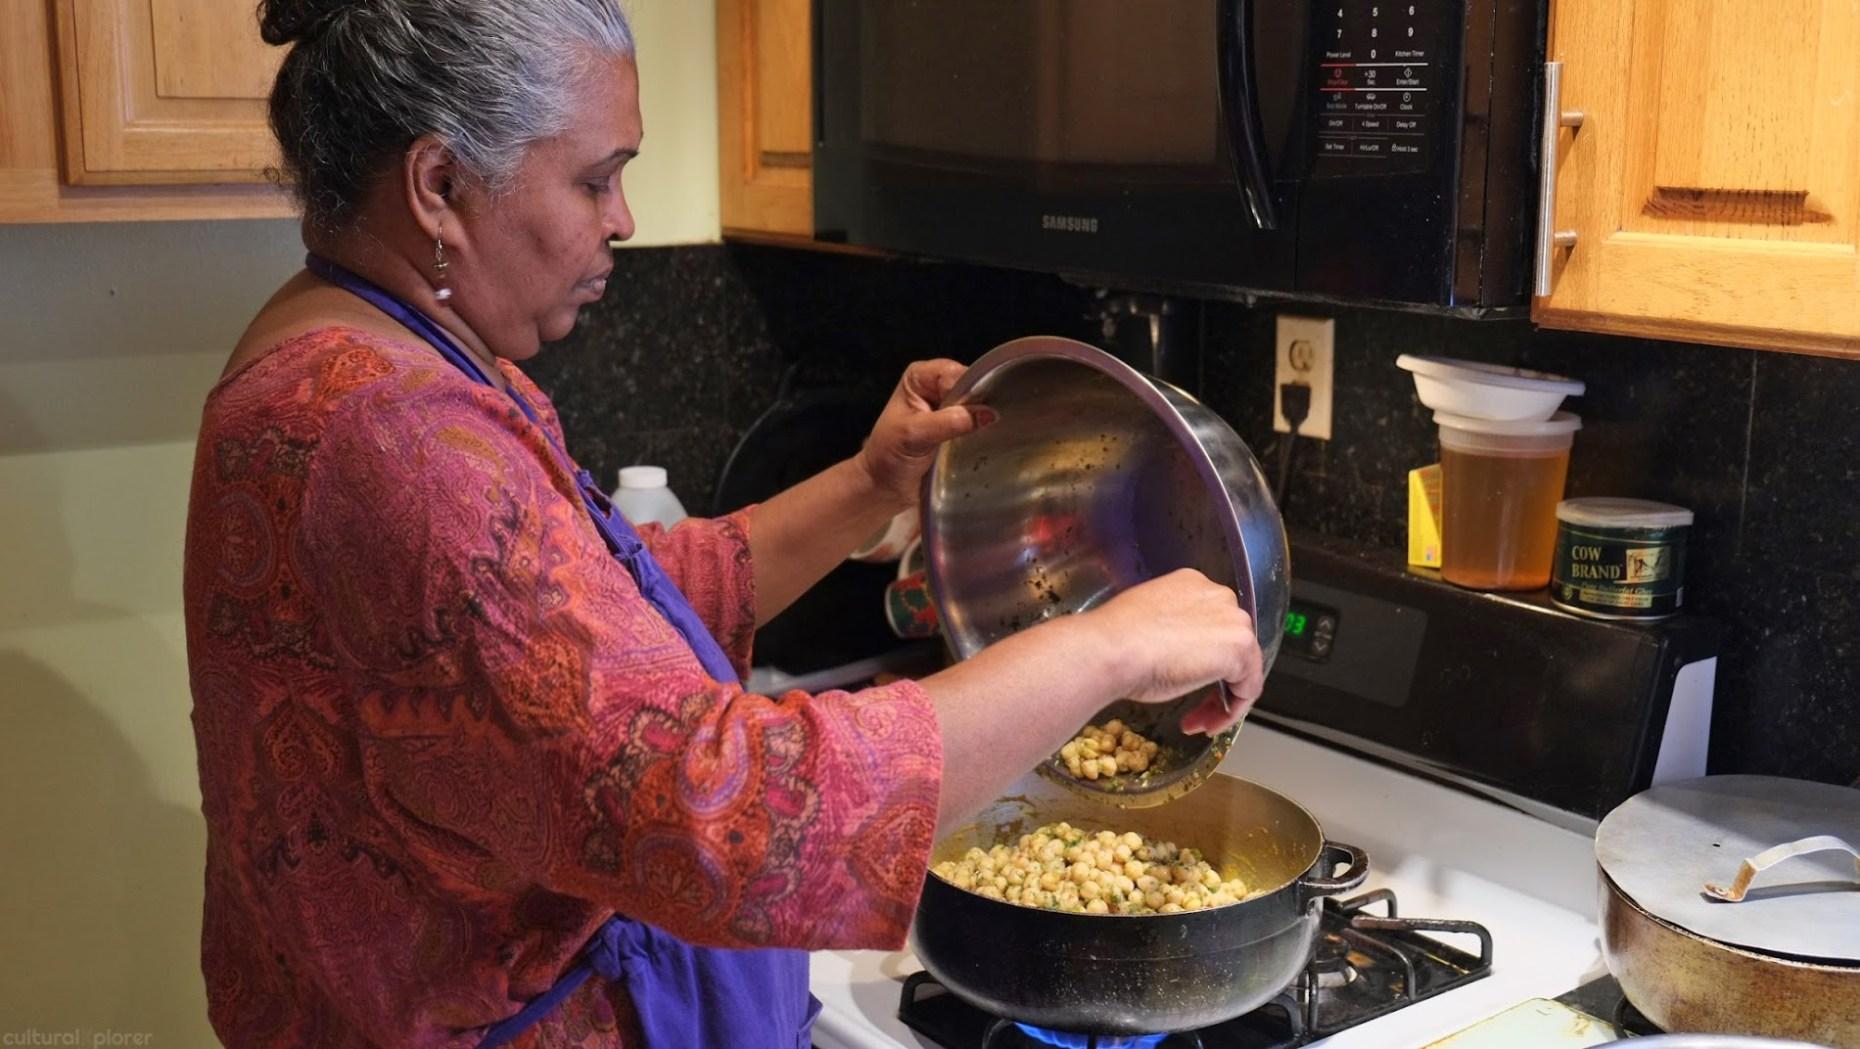 Chana and Aloo League of Kitchens